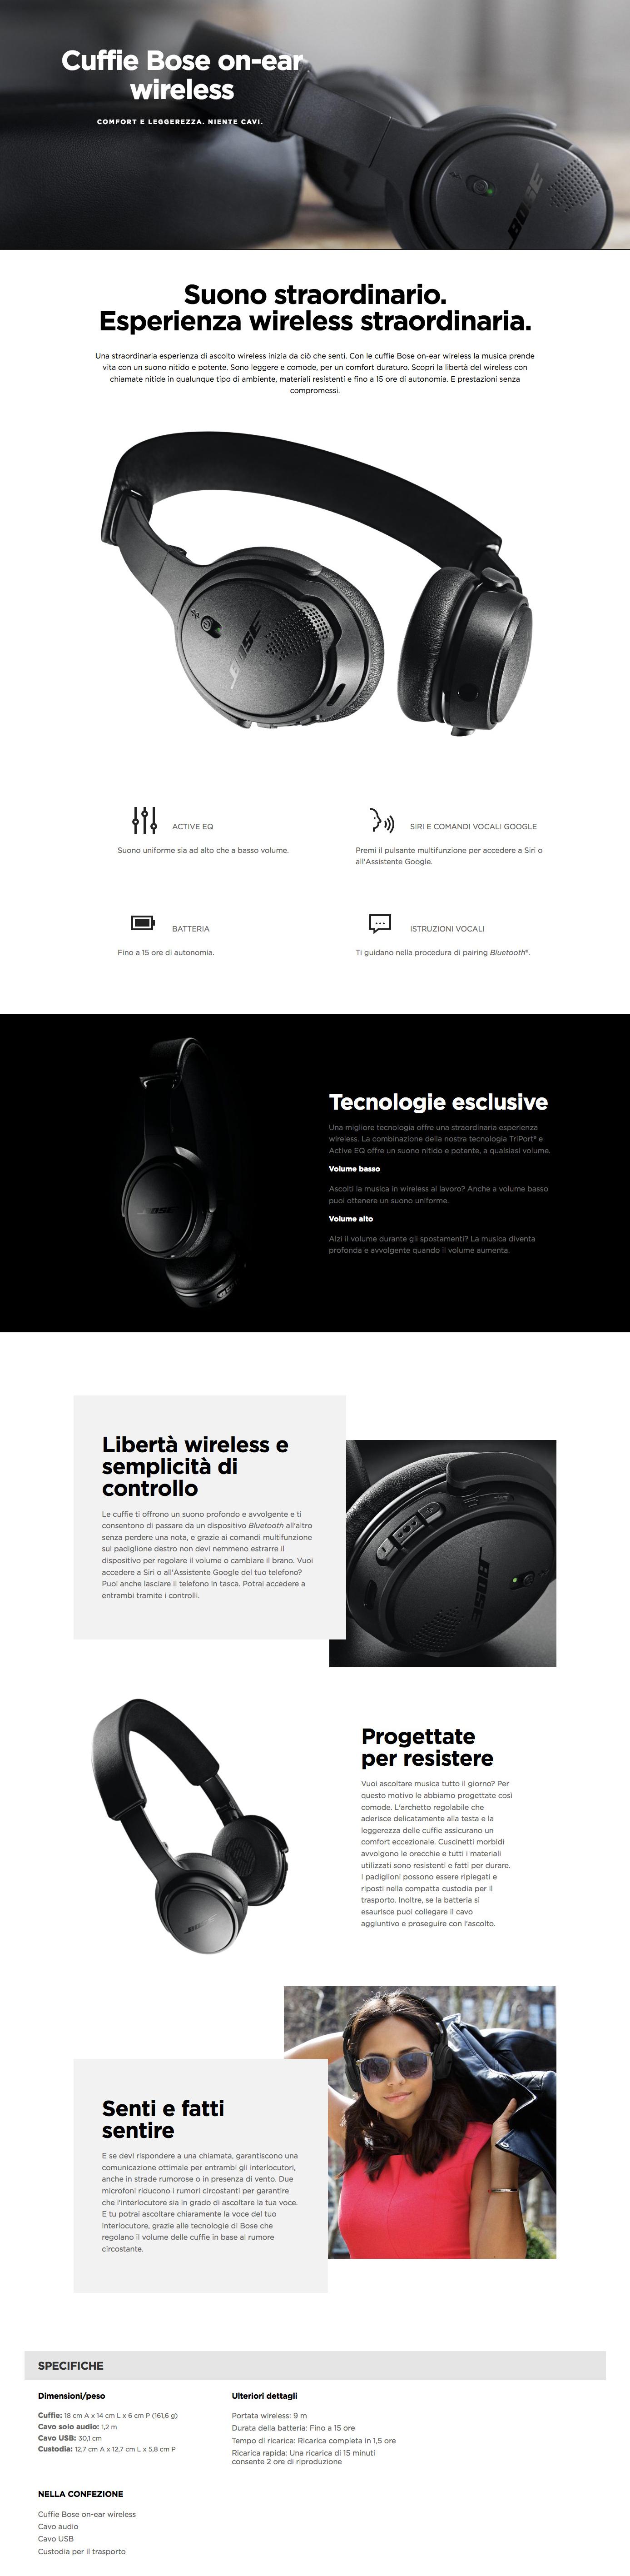 Bose-On-Ear-Wireless.jpg